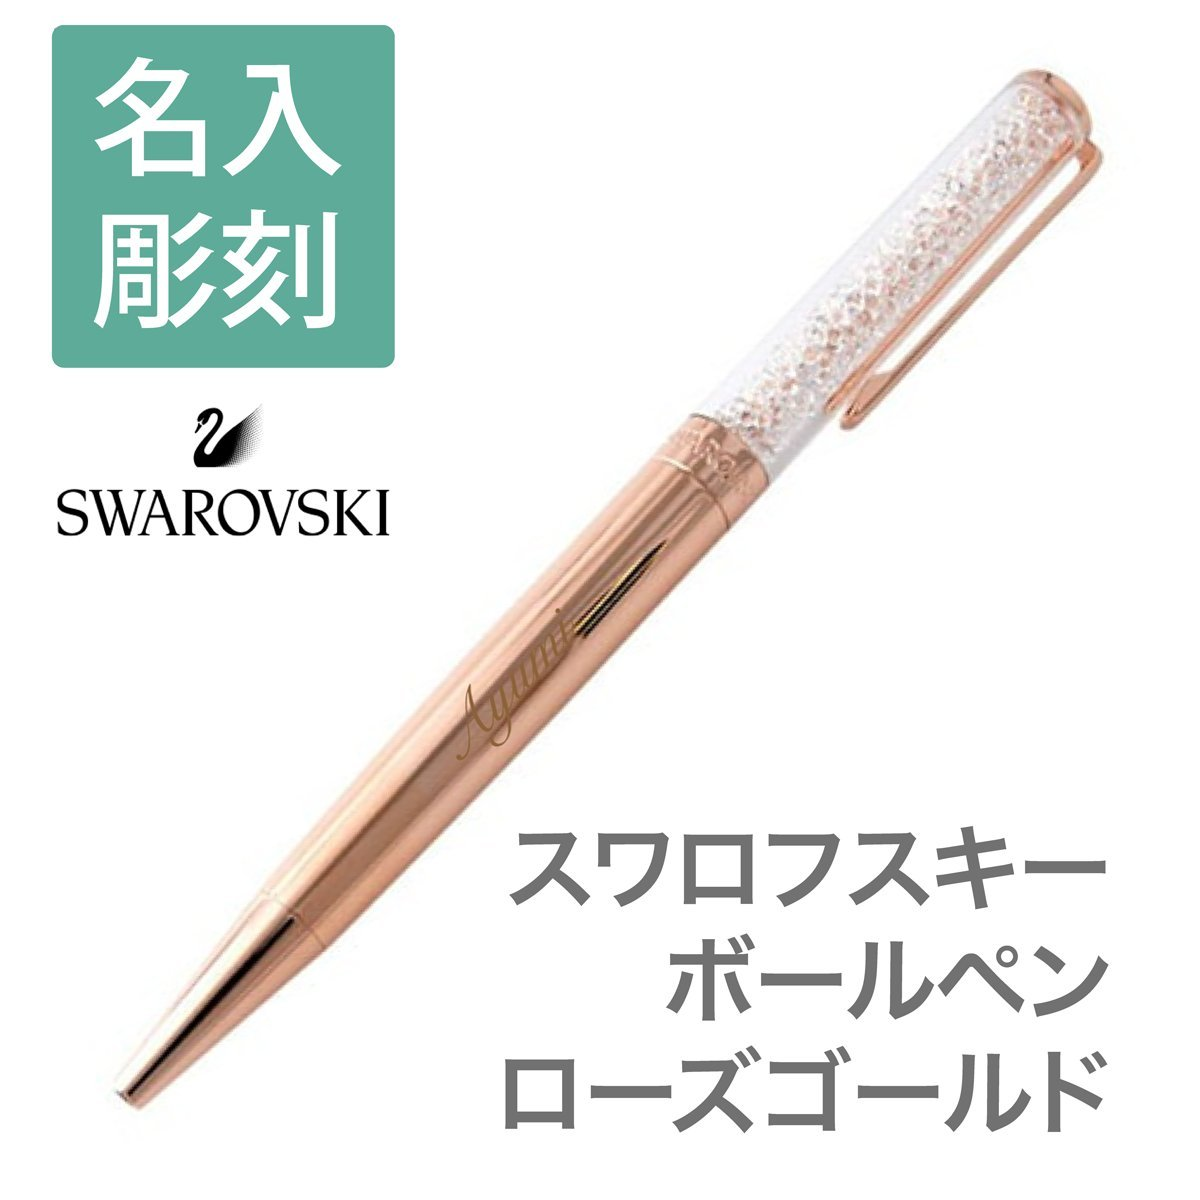 【名入れ】新モデル SWAROVSKI スワロフスキー クリスタルライン ボールペン ローズゴールド】 ご希望のお名前をエッチング(彫刻)いたします[お名前のみの彫刻となります] B072KQB8B7